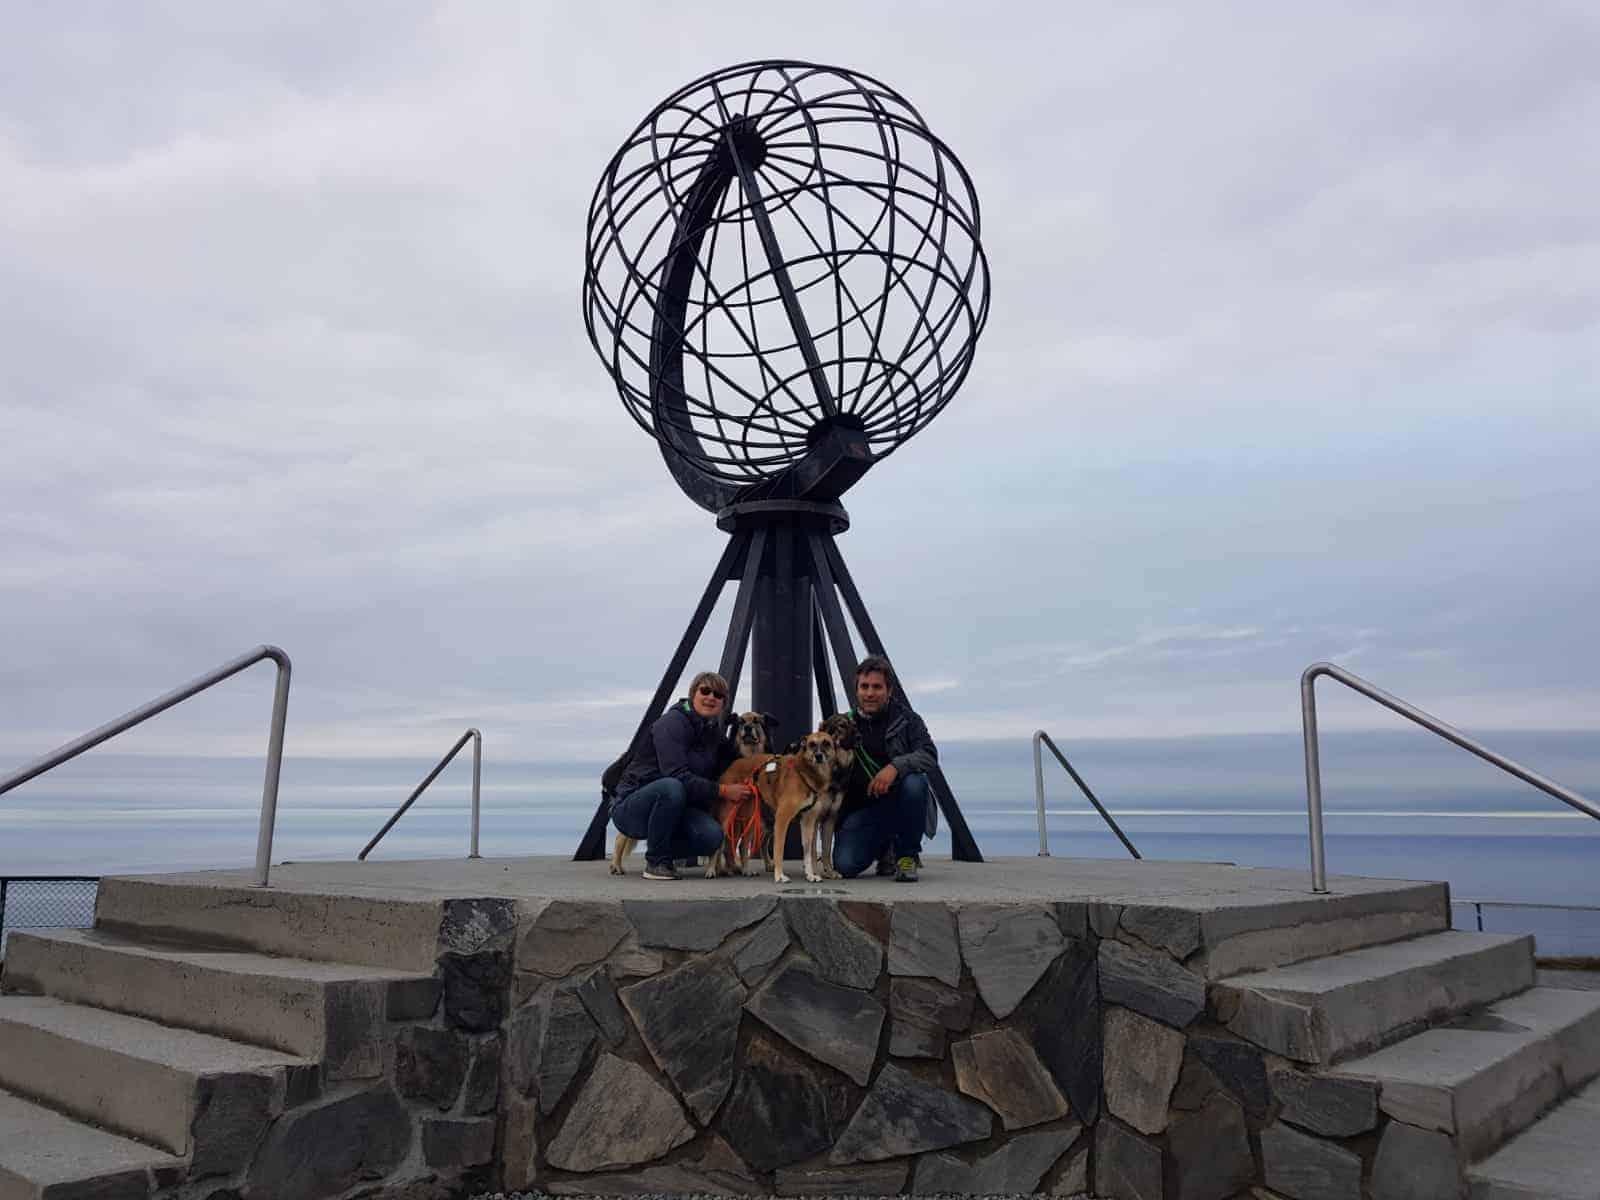 Foto di gruppo a Capo Nord